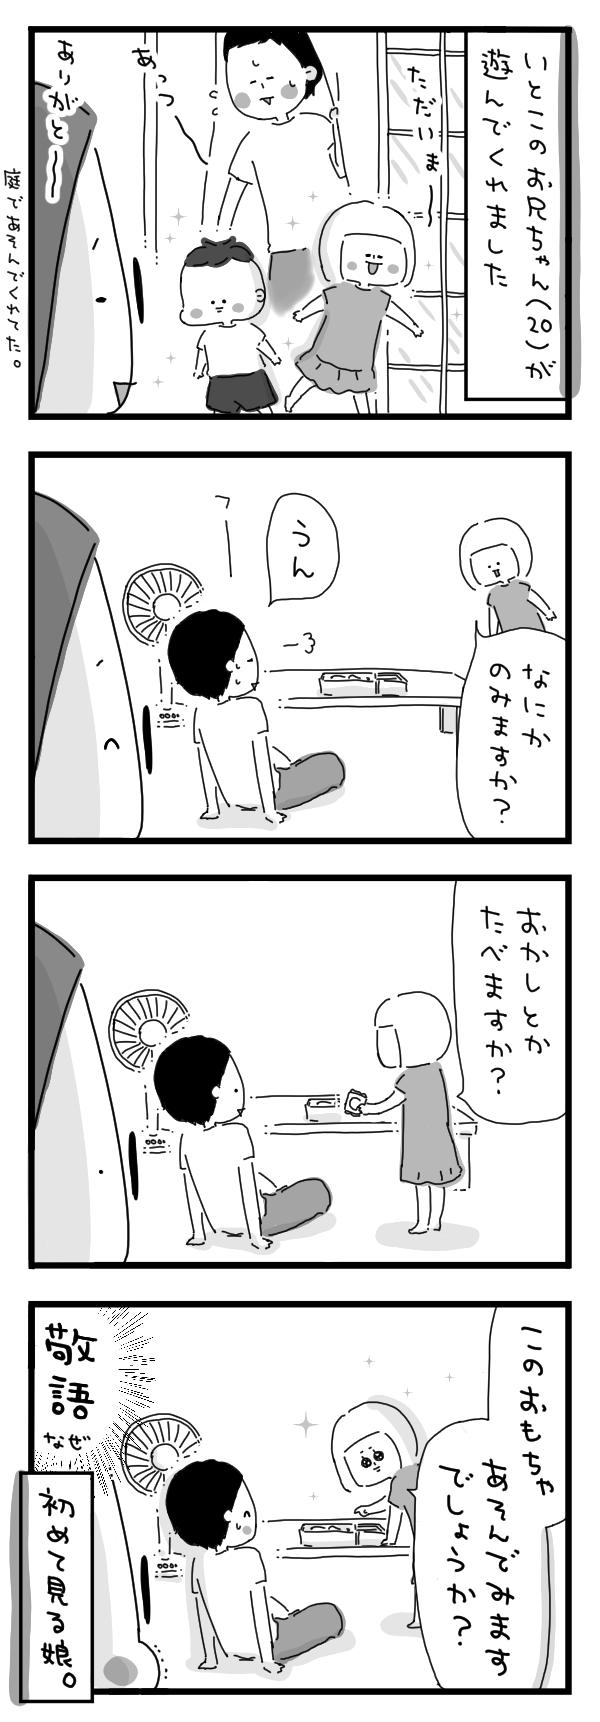 559 敬語。【夏休みのばあばんち。5】png